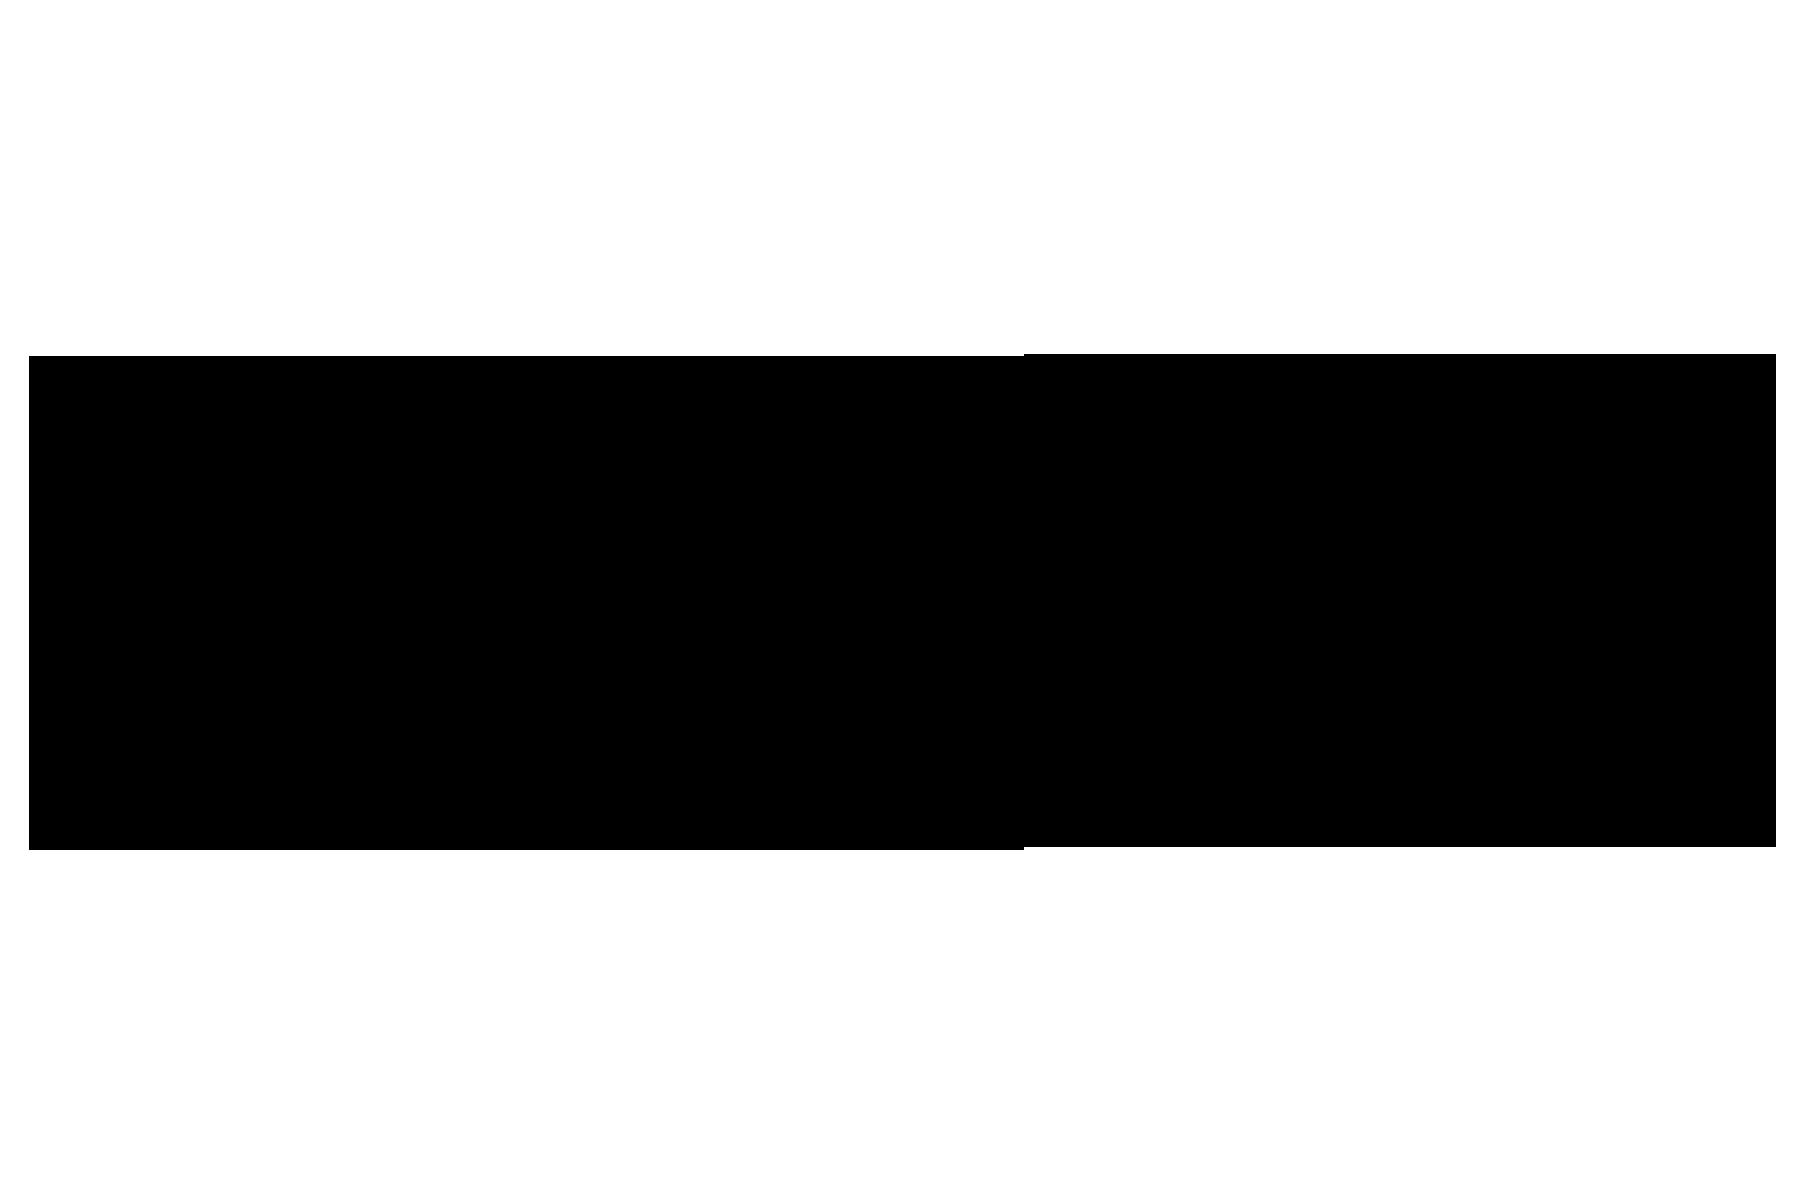 Eiki Logos | EIKI Projectors